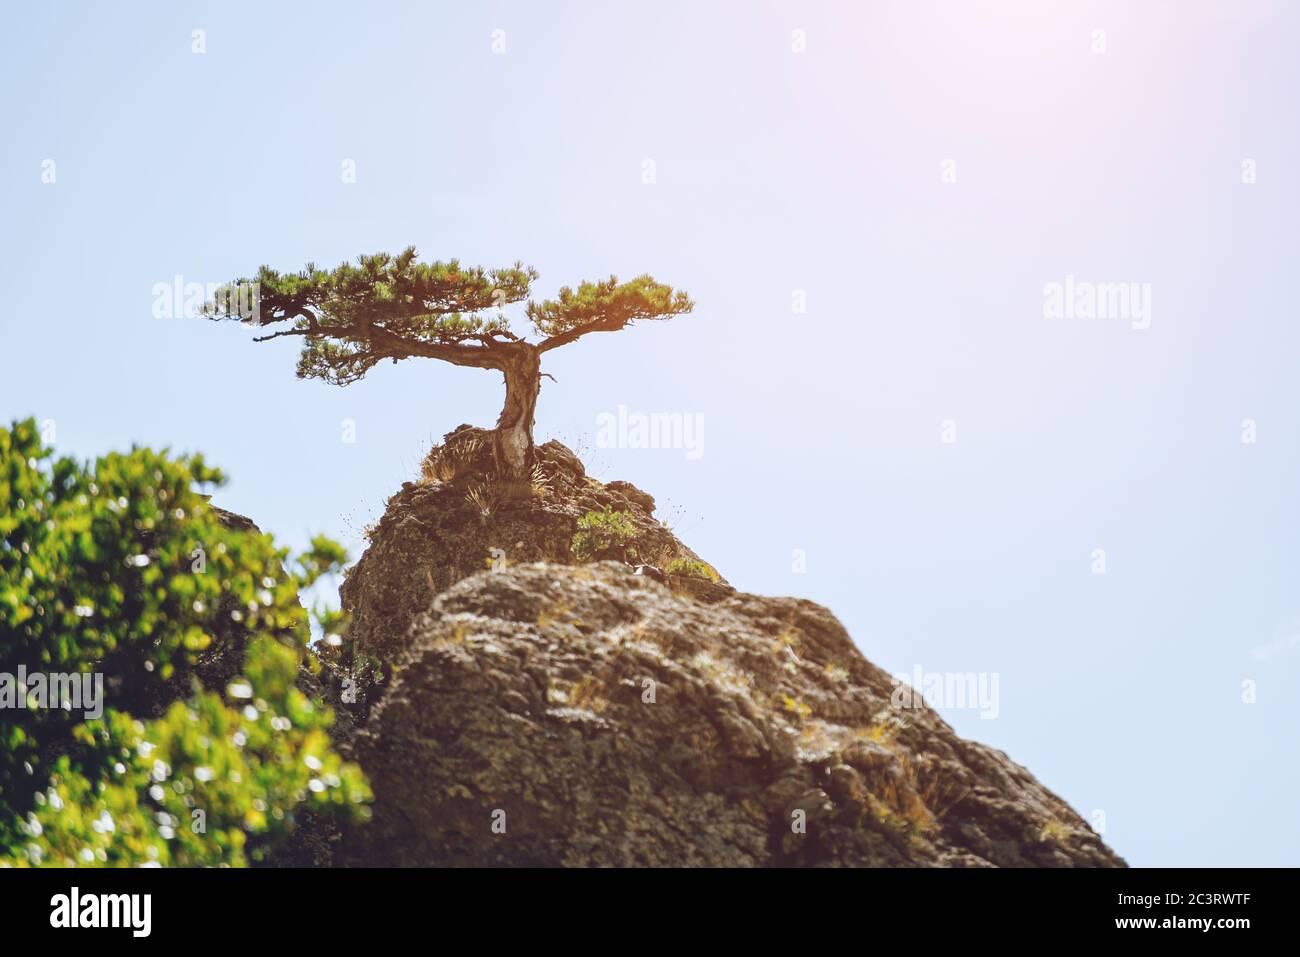 Pino solitario che cresce in cima a una montagna contro il cielo. Orizzontale. Foto Stock